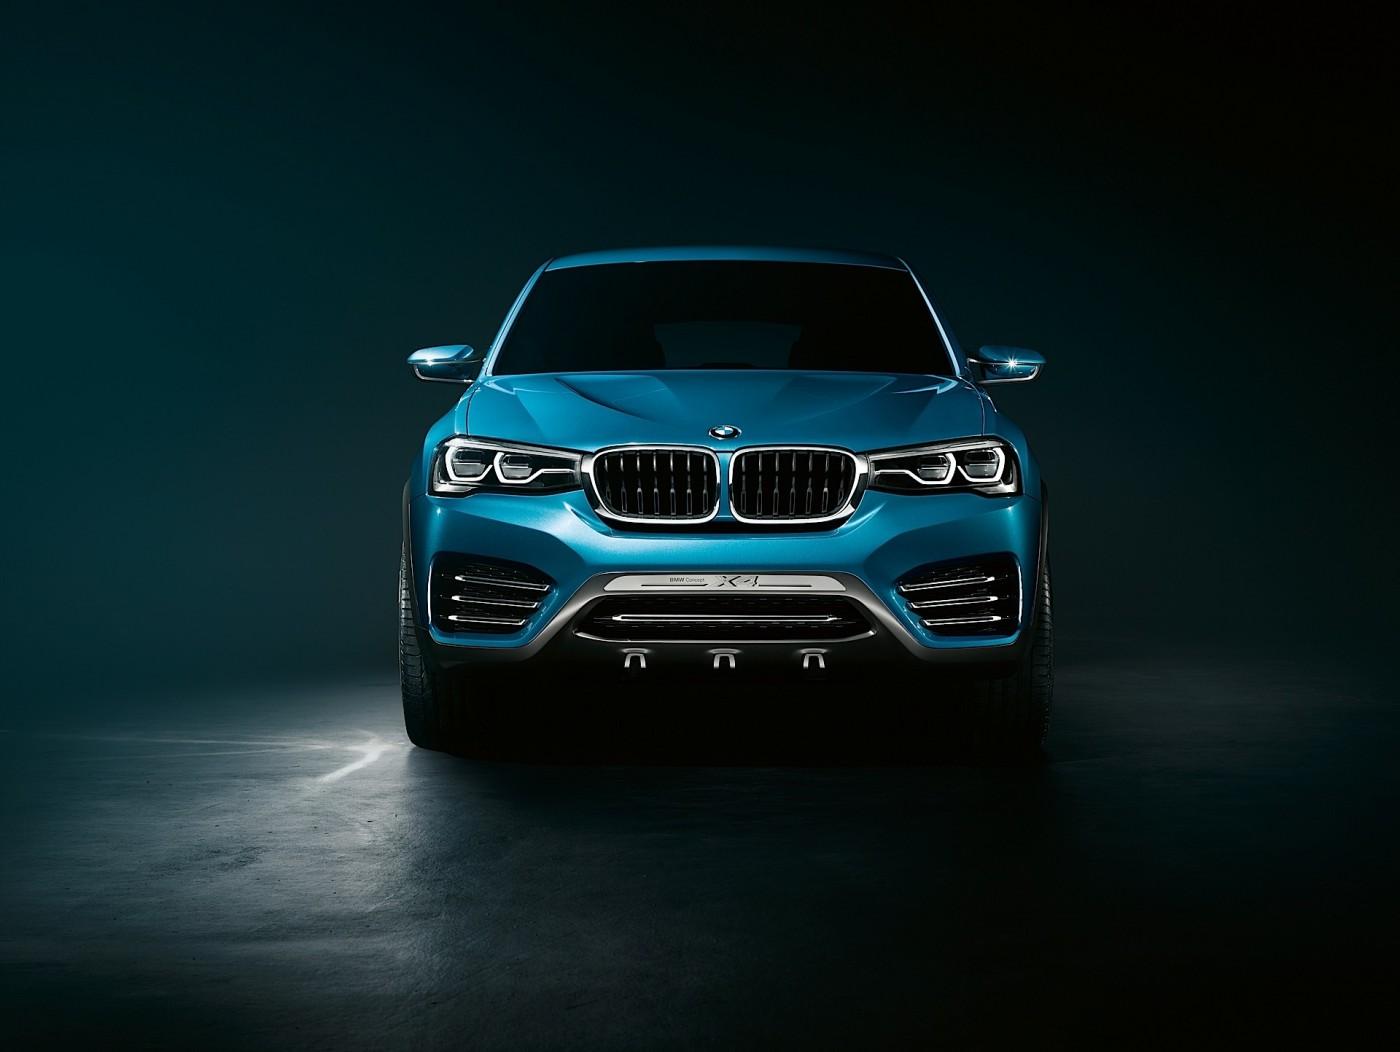 BMW unveils the X4 Concept